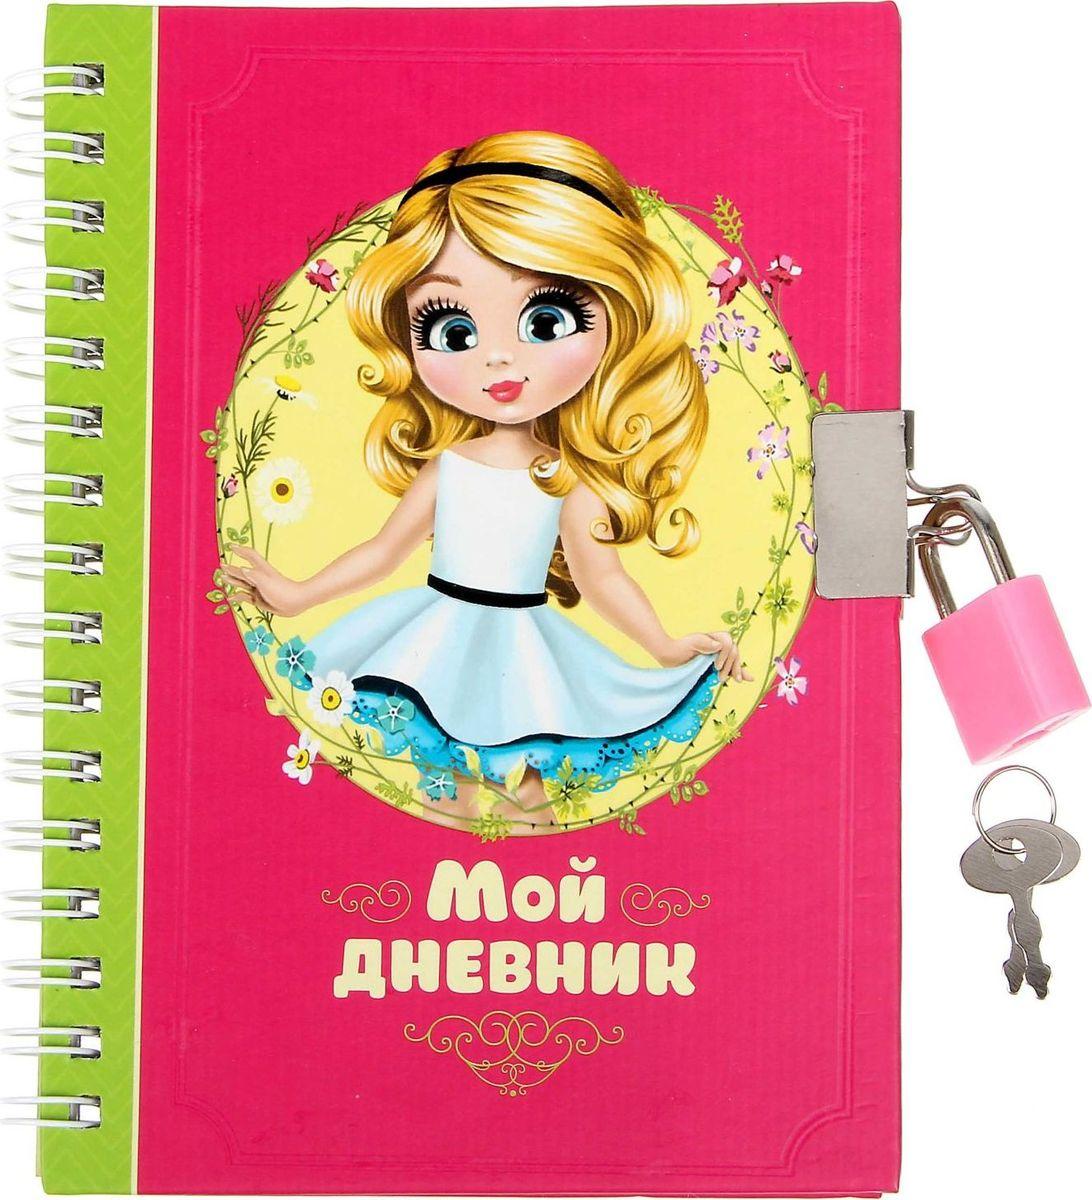 Записная книжка Мой дневник 50 листов1364Записная книжка на замочке Мой дневник, 50 листов, А6 прекрасно подойдёт для записи повседневных дел, важных событий и своих мыслей. Преимущества: удобный формат А6 оригинальный внутренний блок индивидуальный дизайн замочек с ключами. Стройте планы, записывайте мудрые мысли, сохраняйте важную информацию. Хороший блокнот — половина успеха!